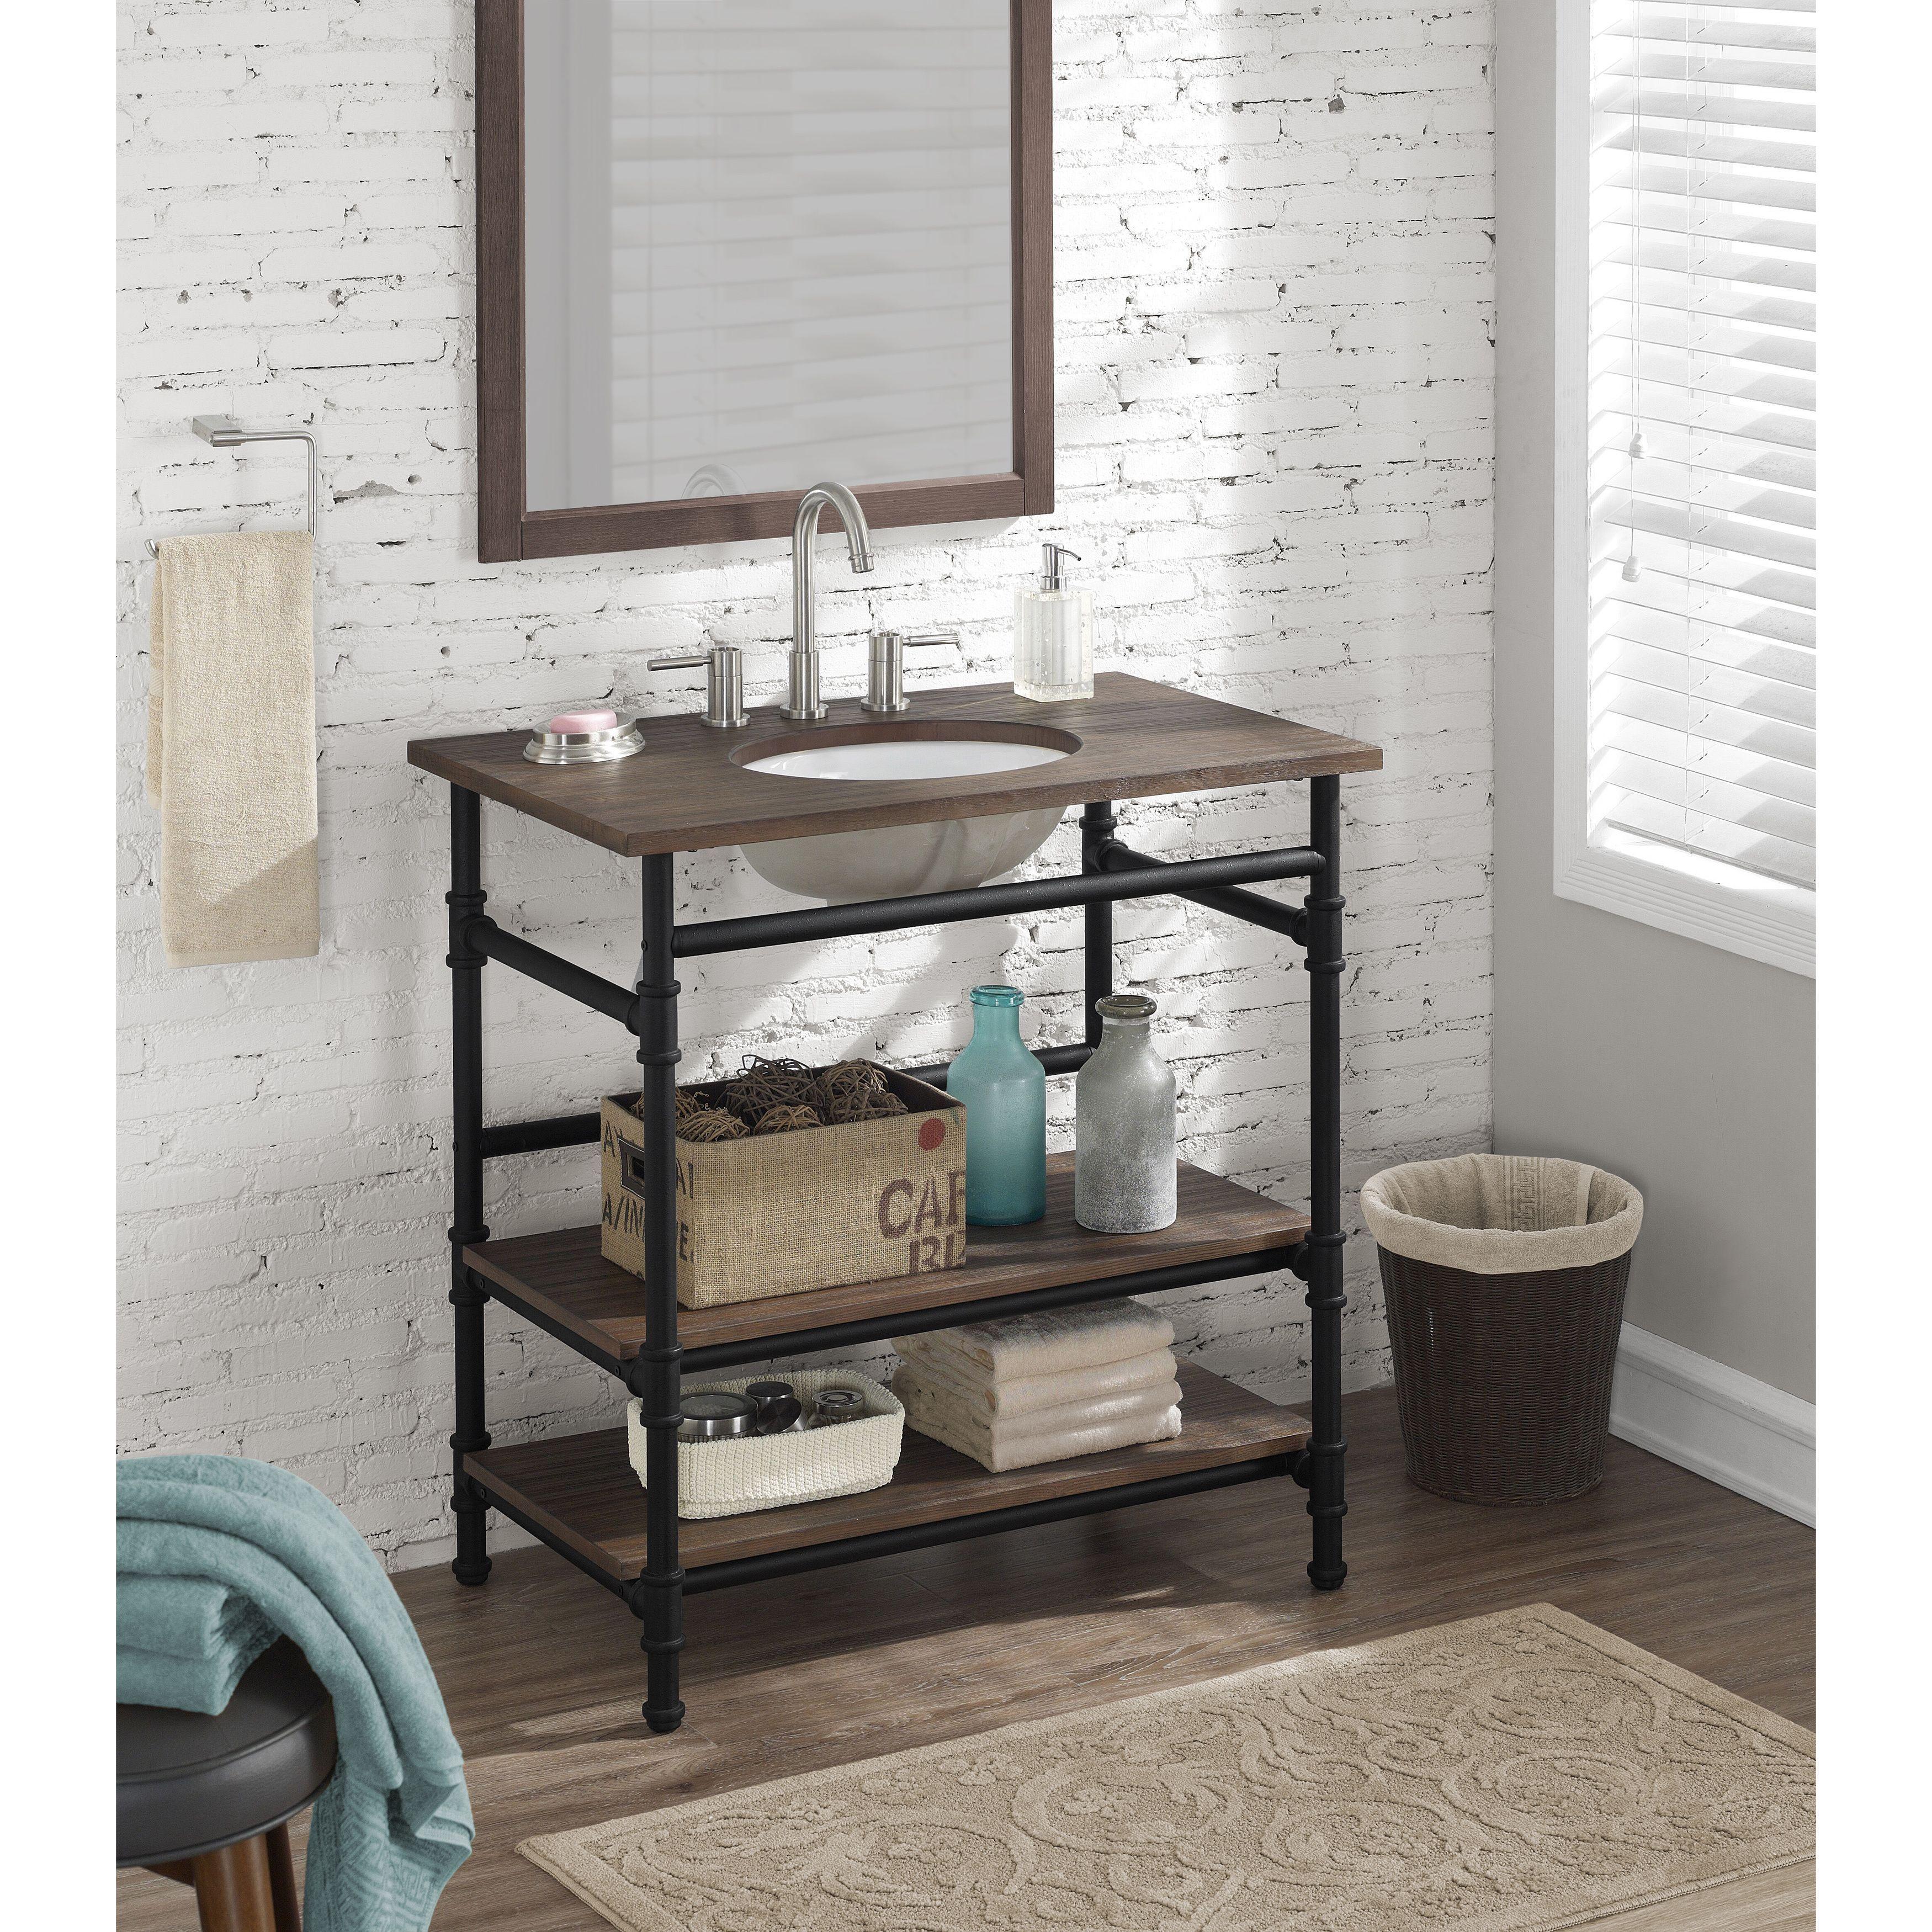 Dimensions inch industrial open shelf vanity bathroom vanities